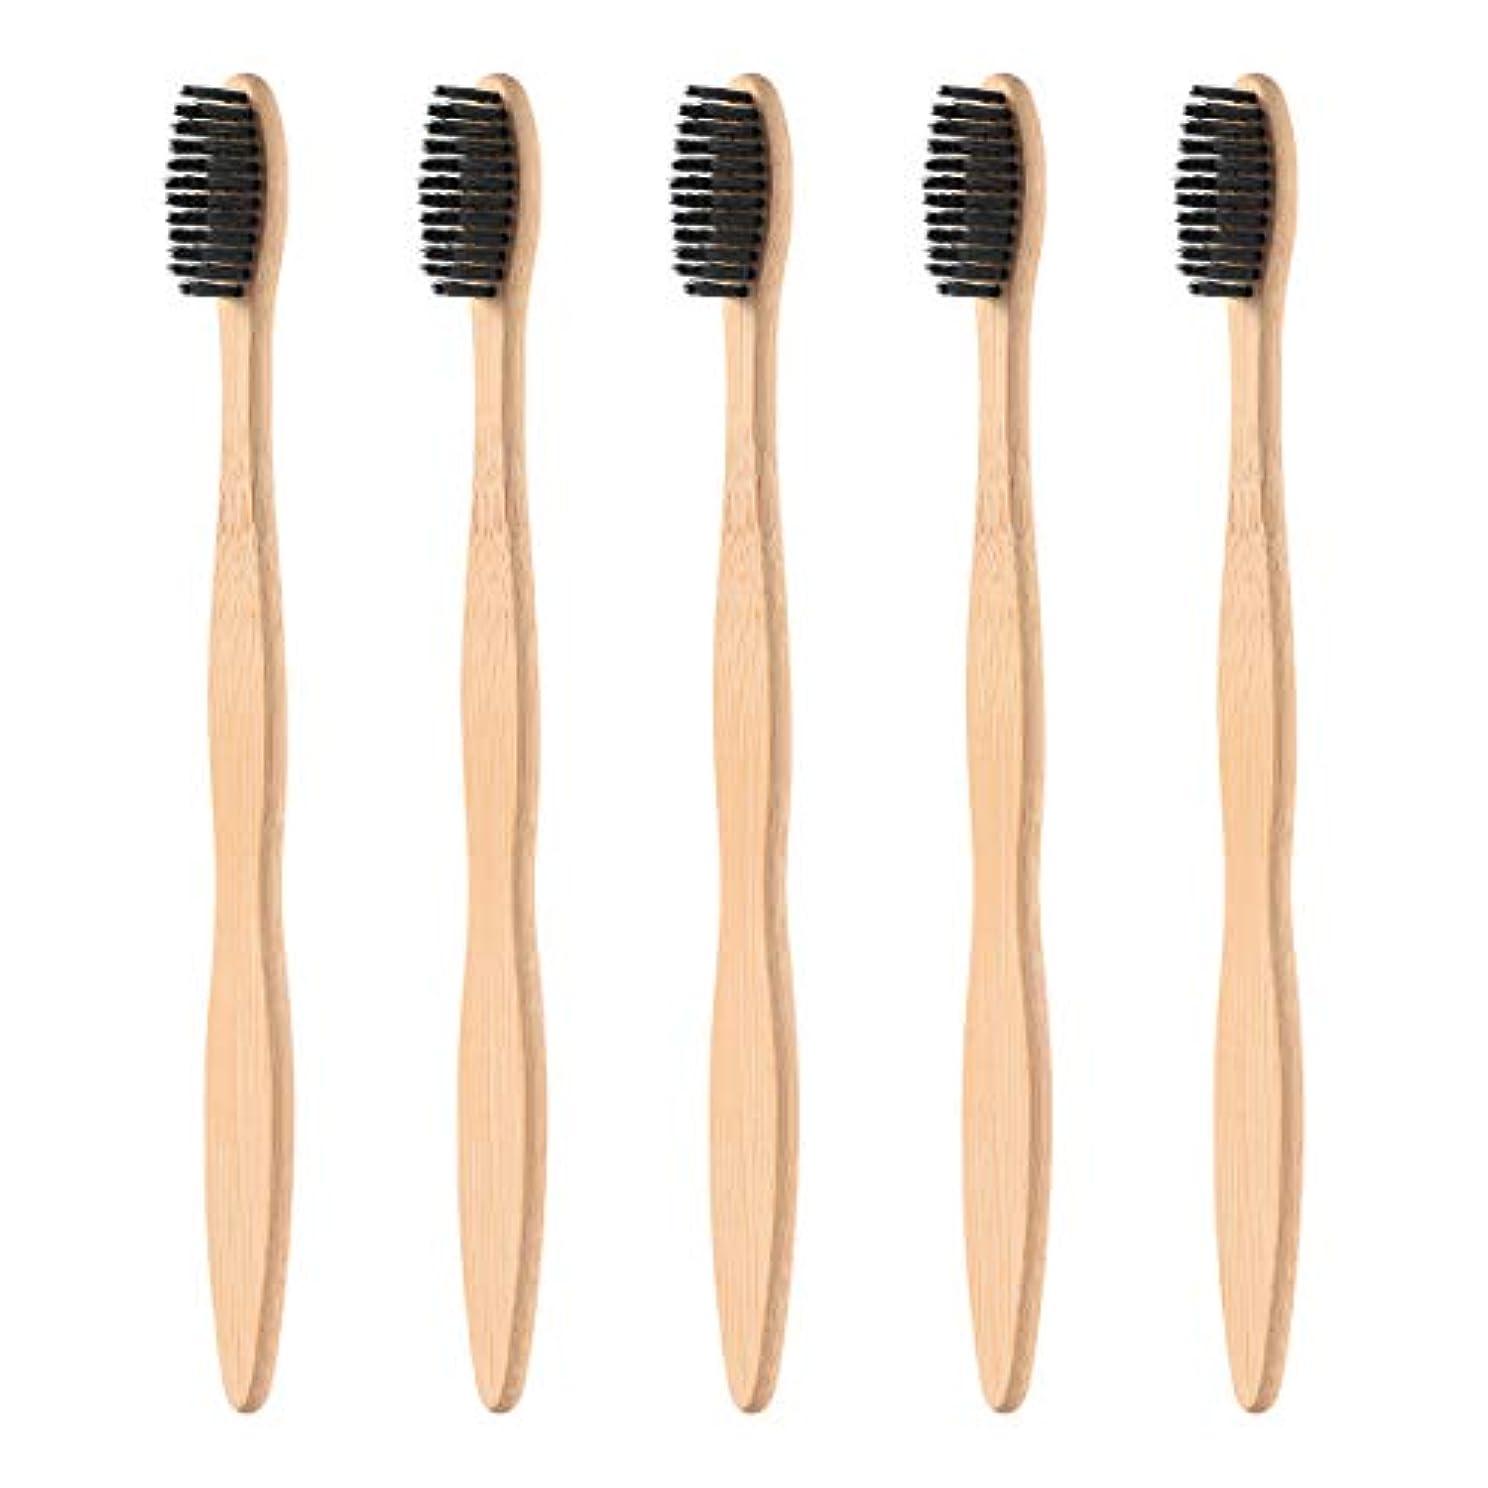 雇った親指かんたんHealifty 柔らかい黒い剛毛が付いている5pcsタケハンドルの歯ブラシの自然な木のEcoの友好的な歯ブラシ